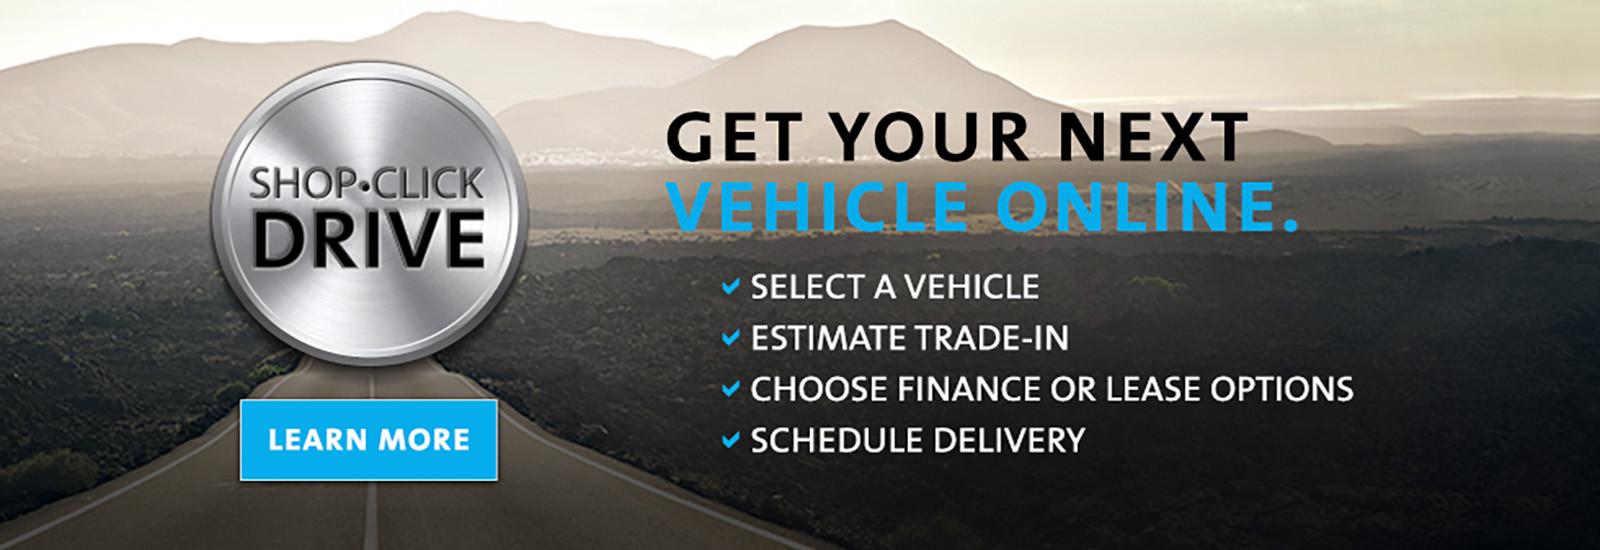 Get Your Next Vehicle Online